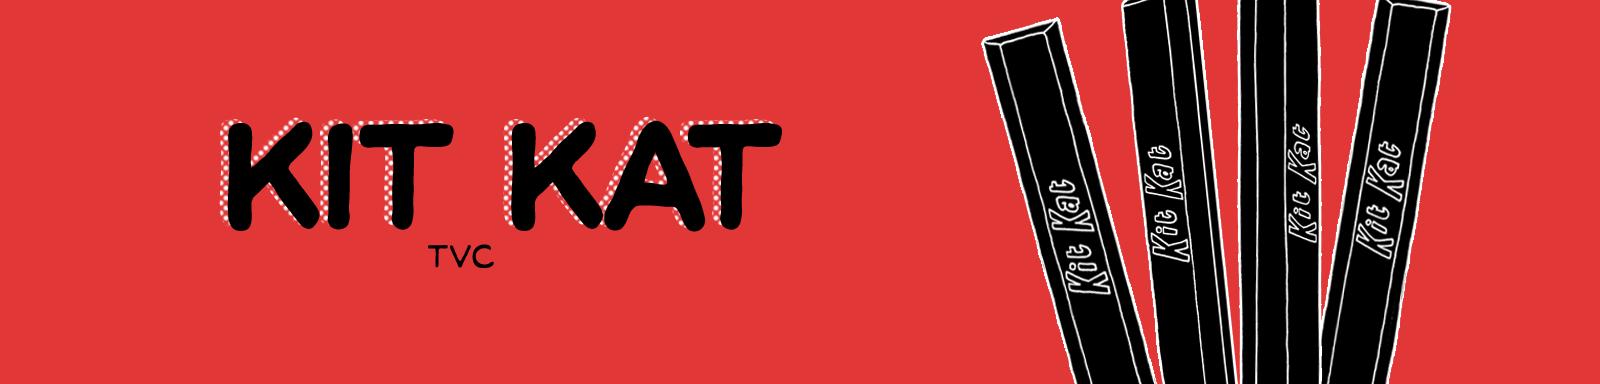 KitKat_Banner_Update.png